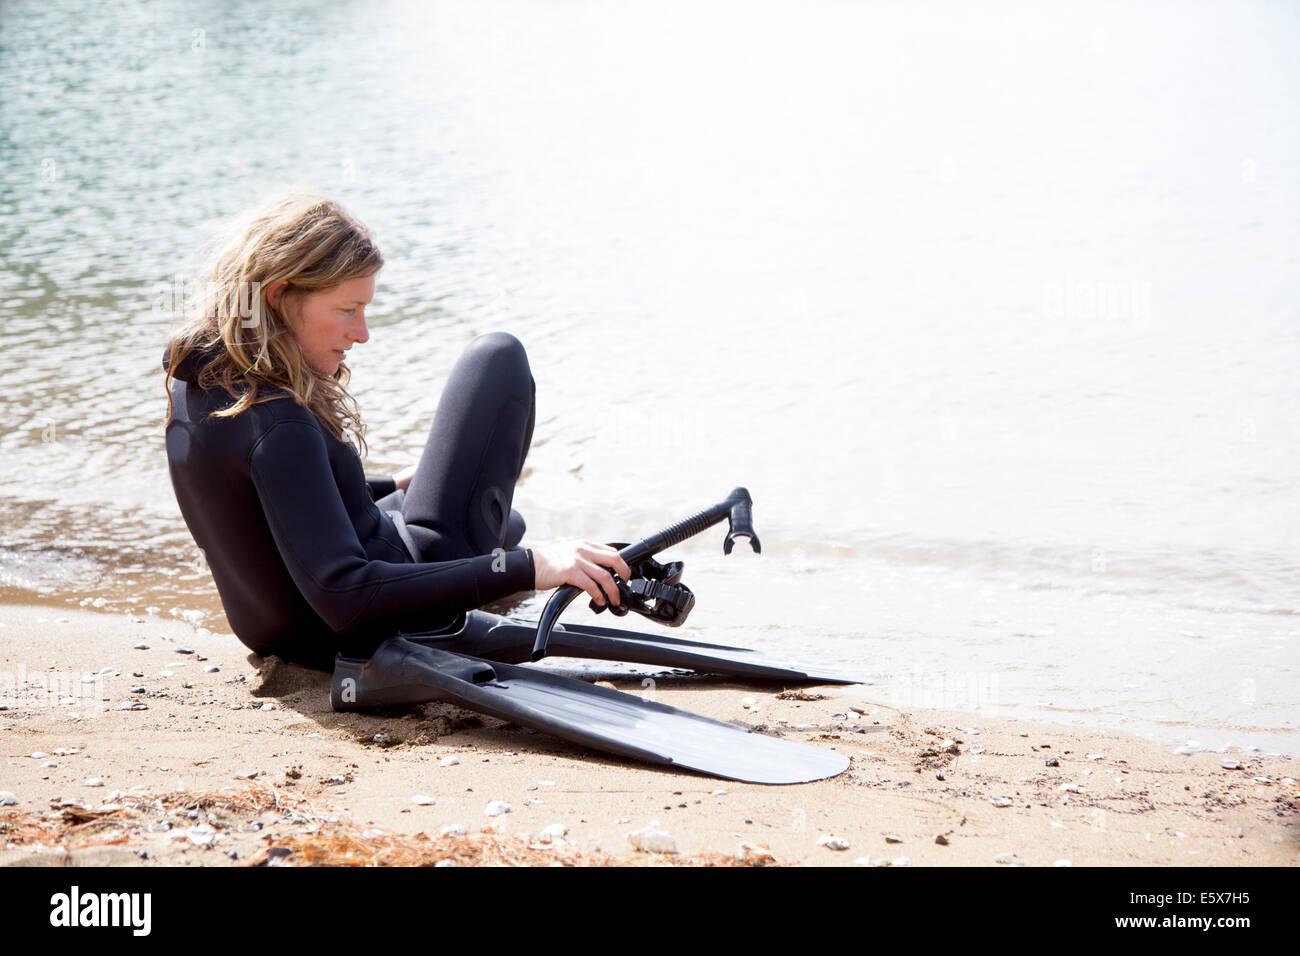 Metà femmina adulta scuba diver preparando a calarsi sulla spiaggia Immagini Stock